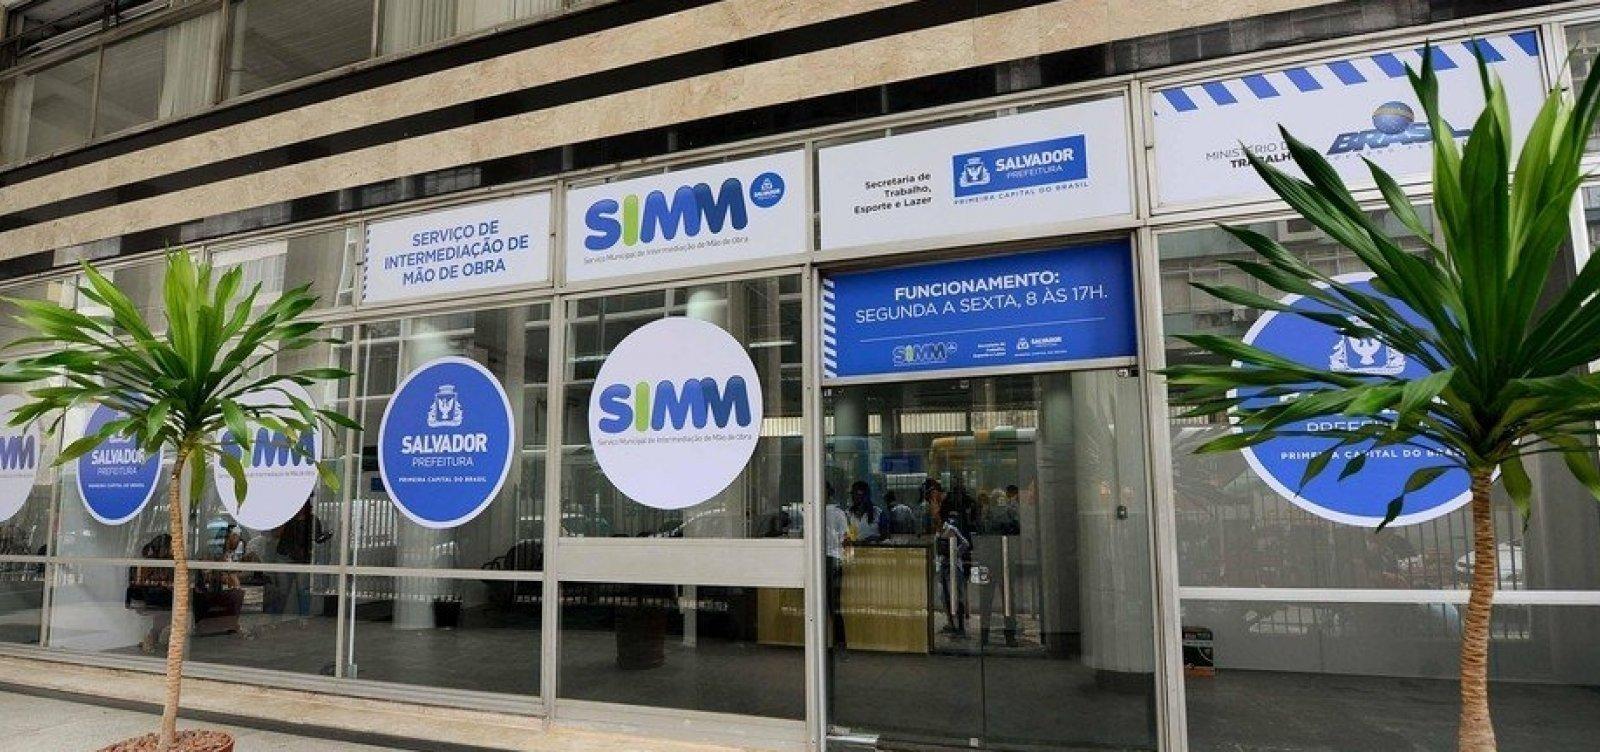 Simm oferece 66 vagas de emprego em Salvador para esta terça; confira